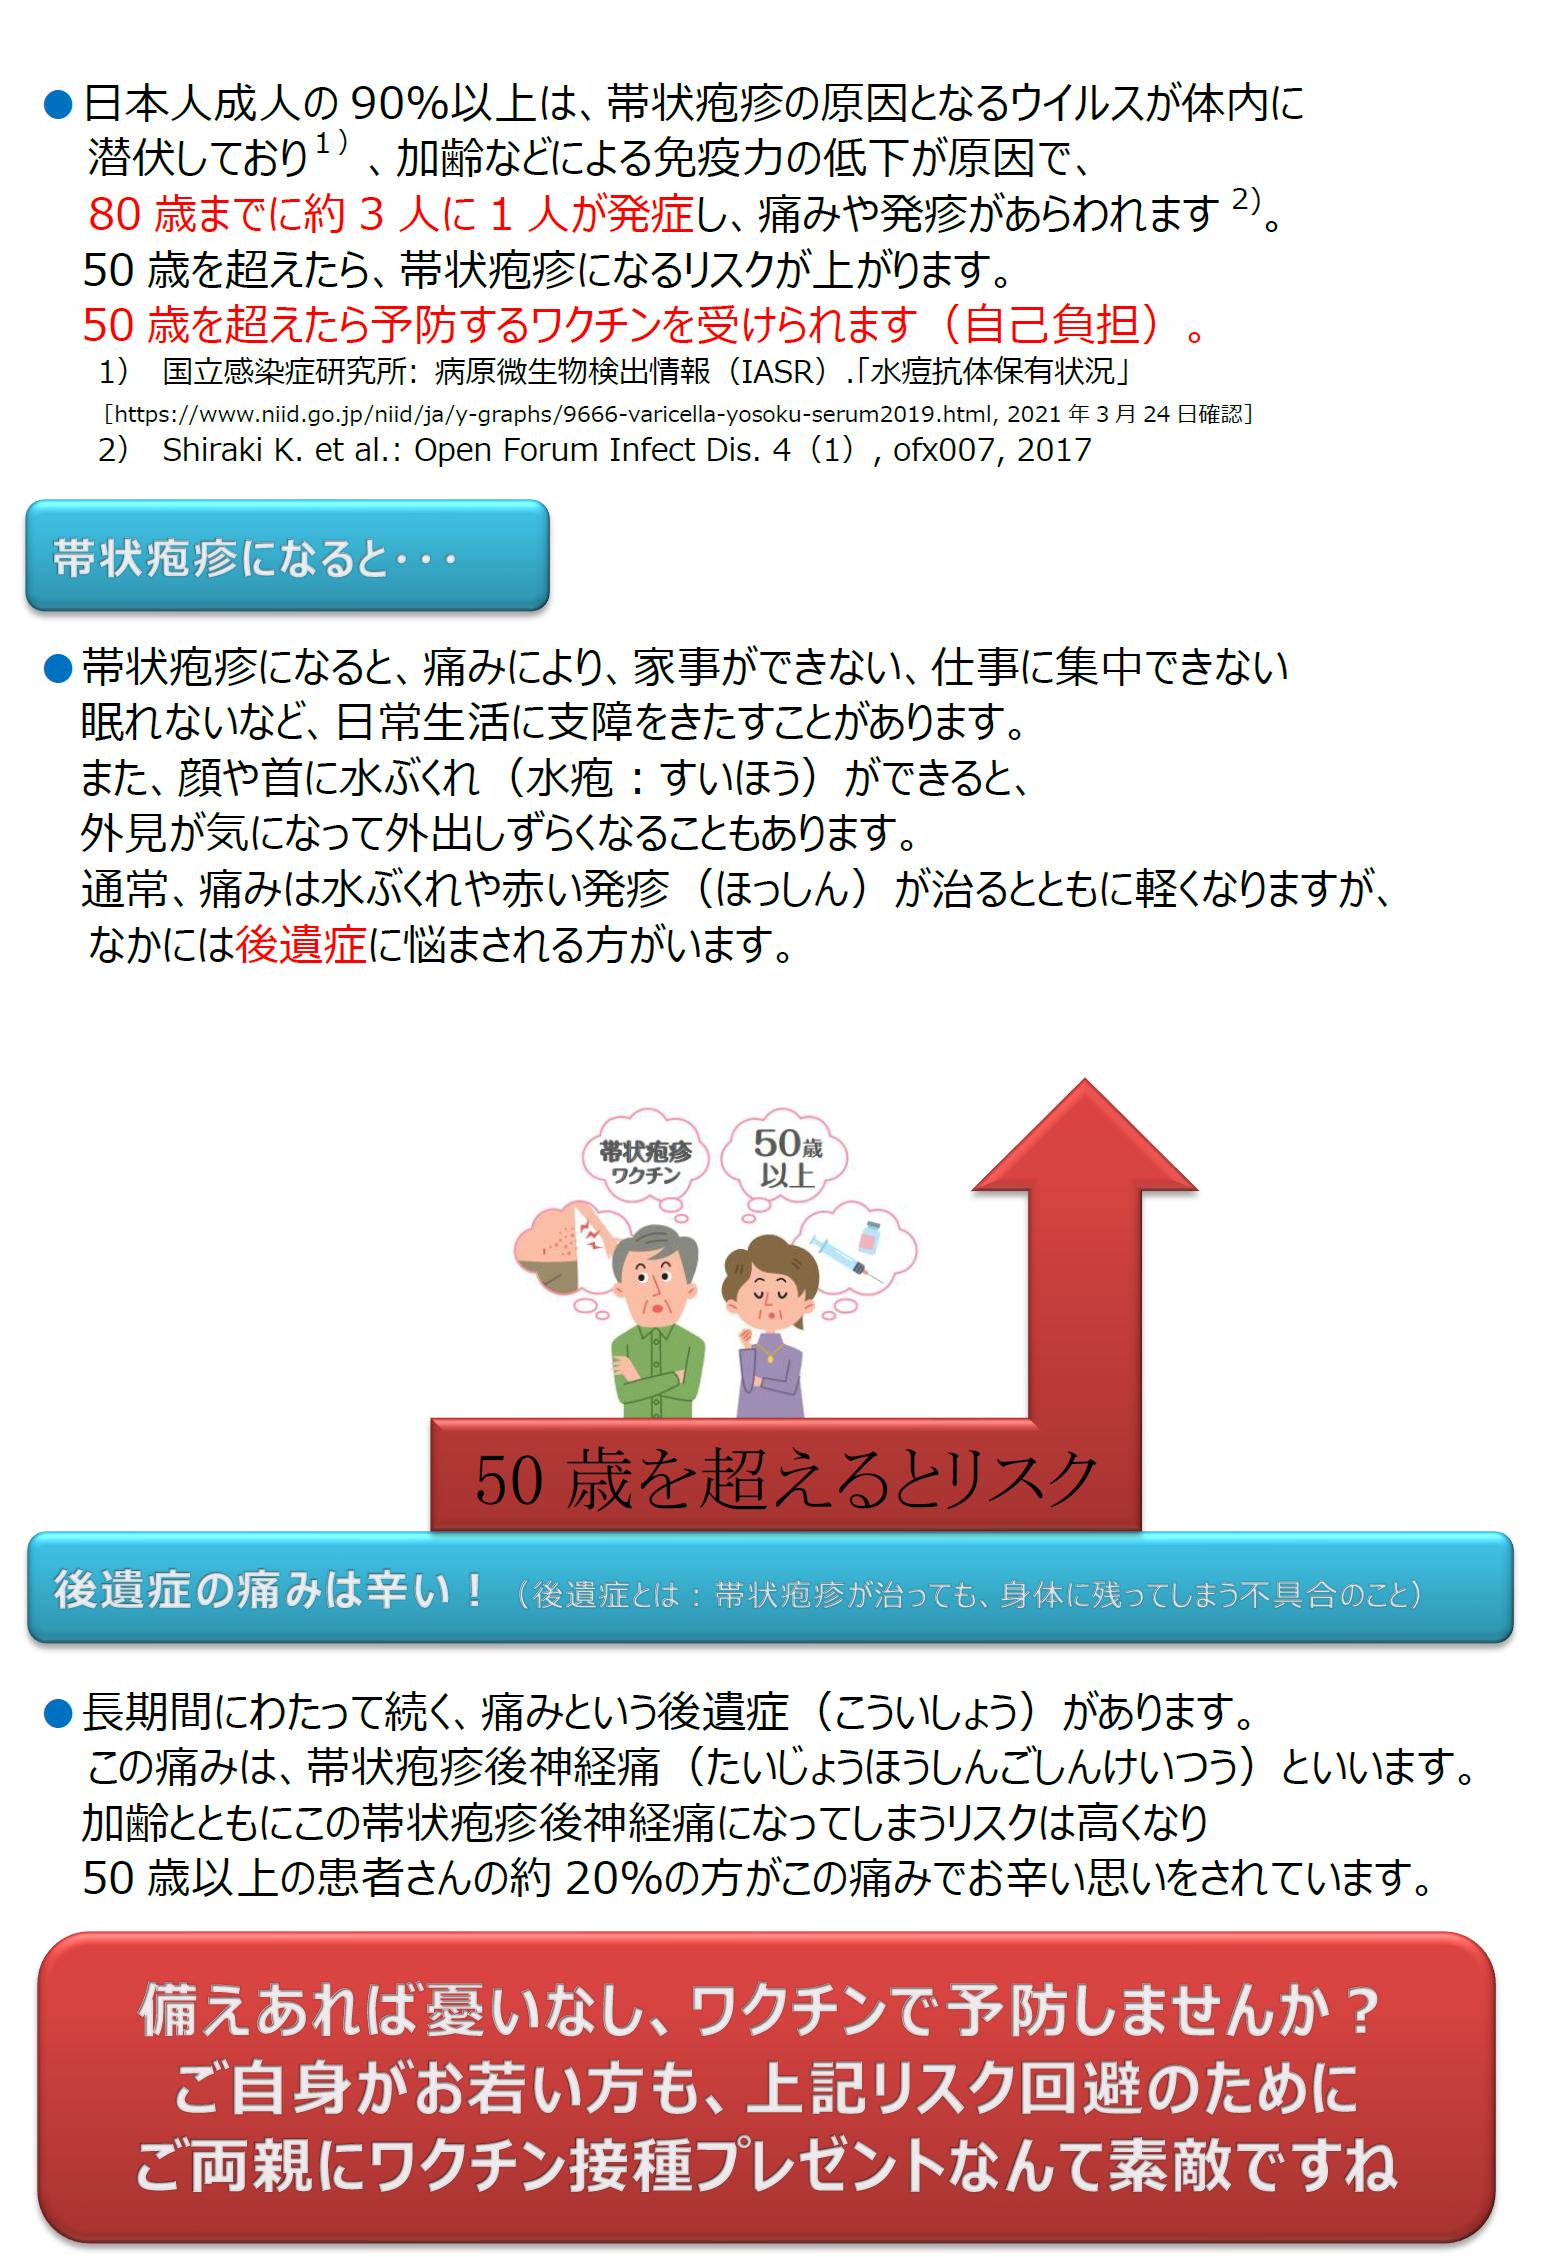 帯状疱疹ワクチン接種のご案内2.png